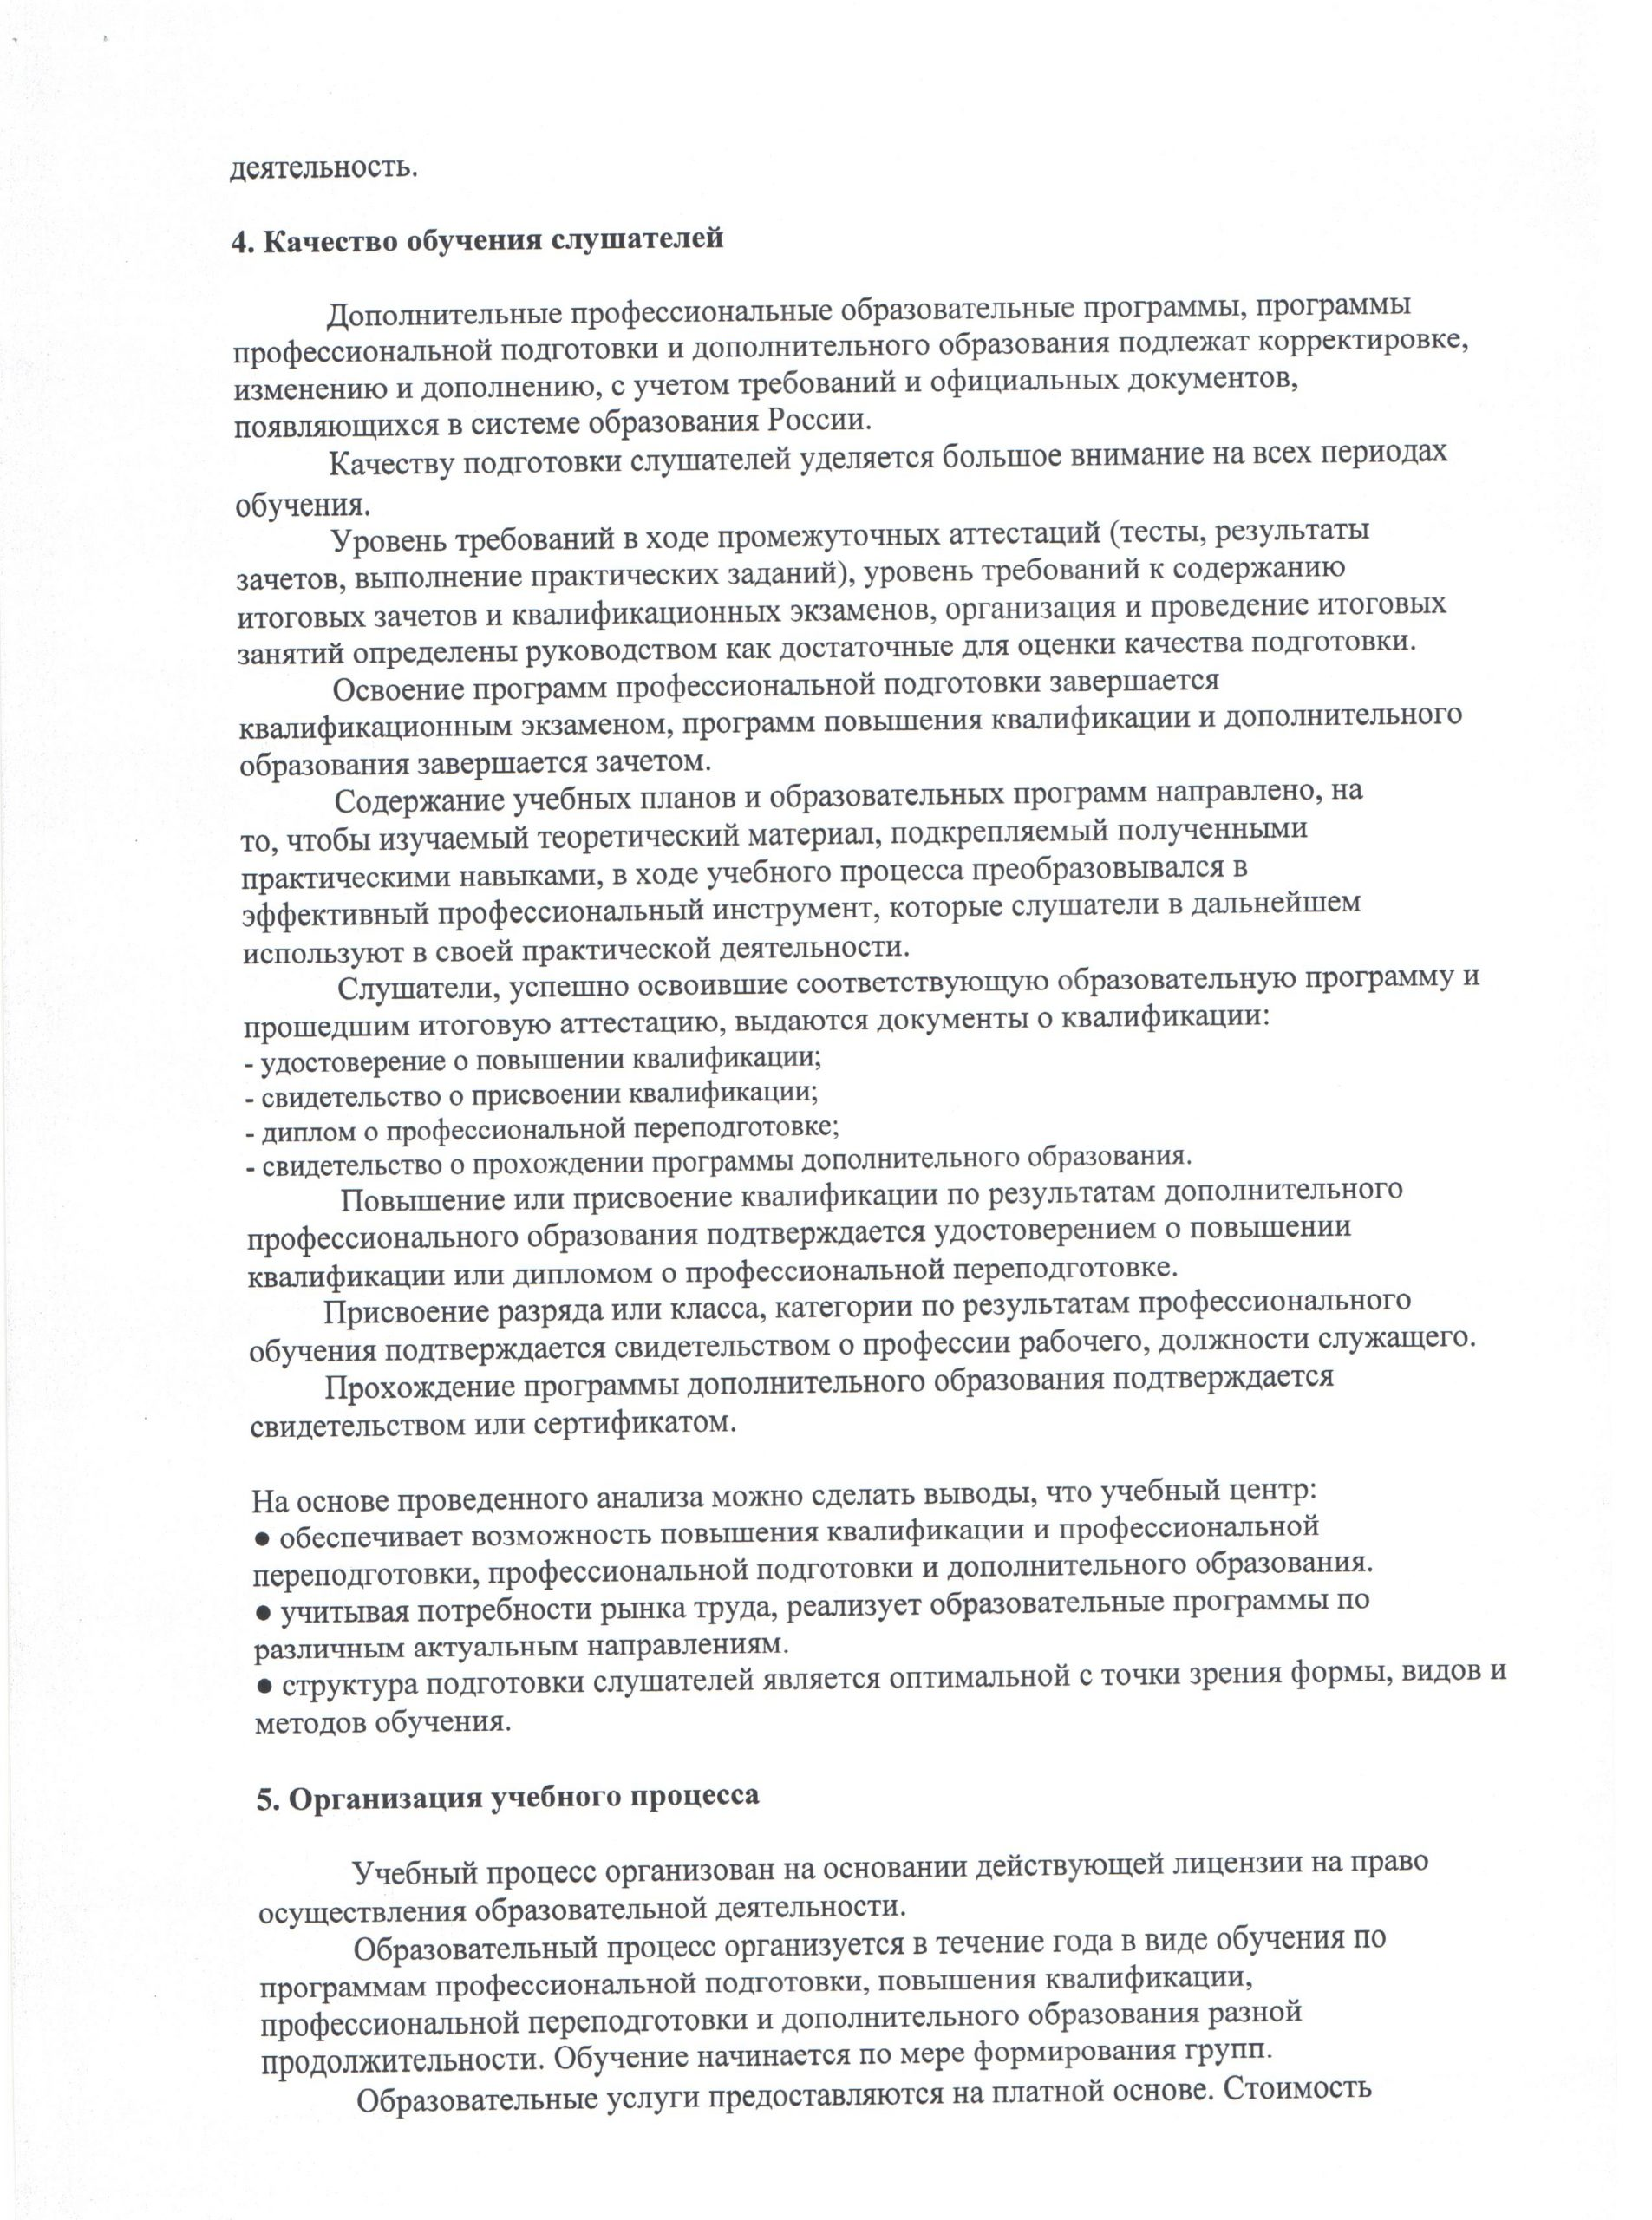 Отчет о результатах самообследования деятельности за 2019г.